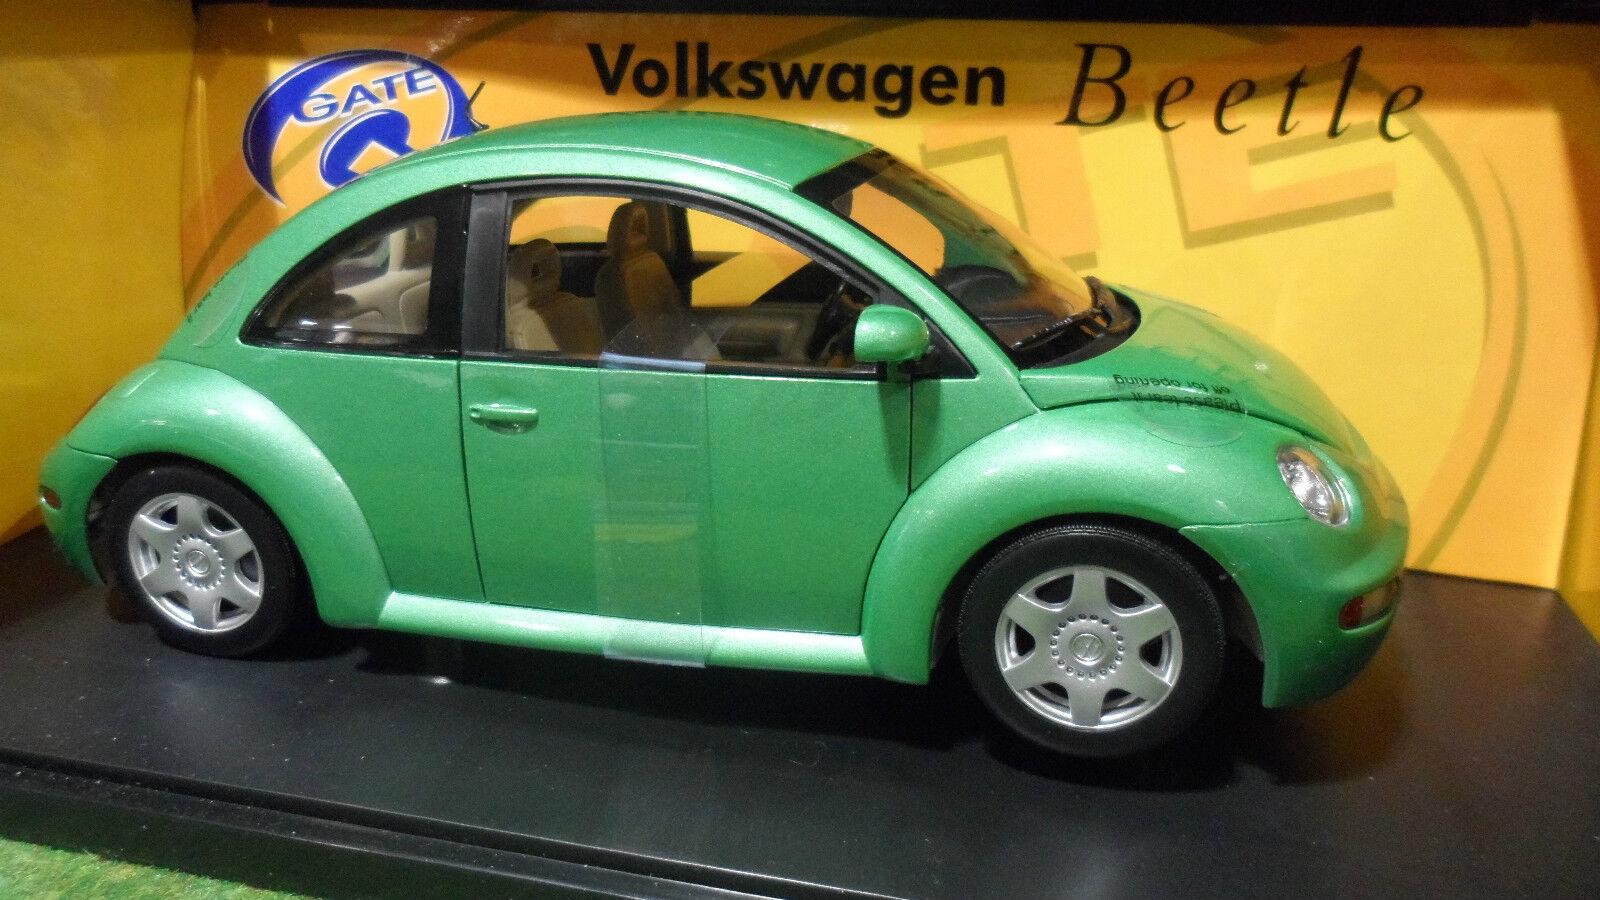 Volkswagen nouveau beetle vert 1 18 gate 01032  voiture miniature ladybug collect.  livraison gratuite et rapide disponible